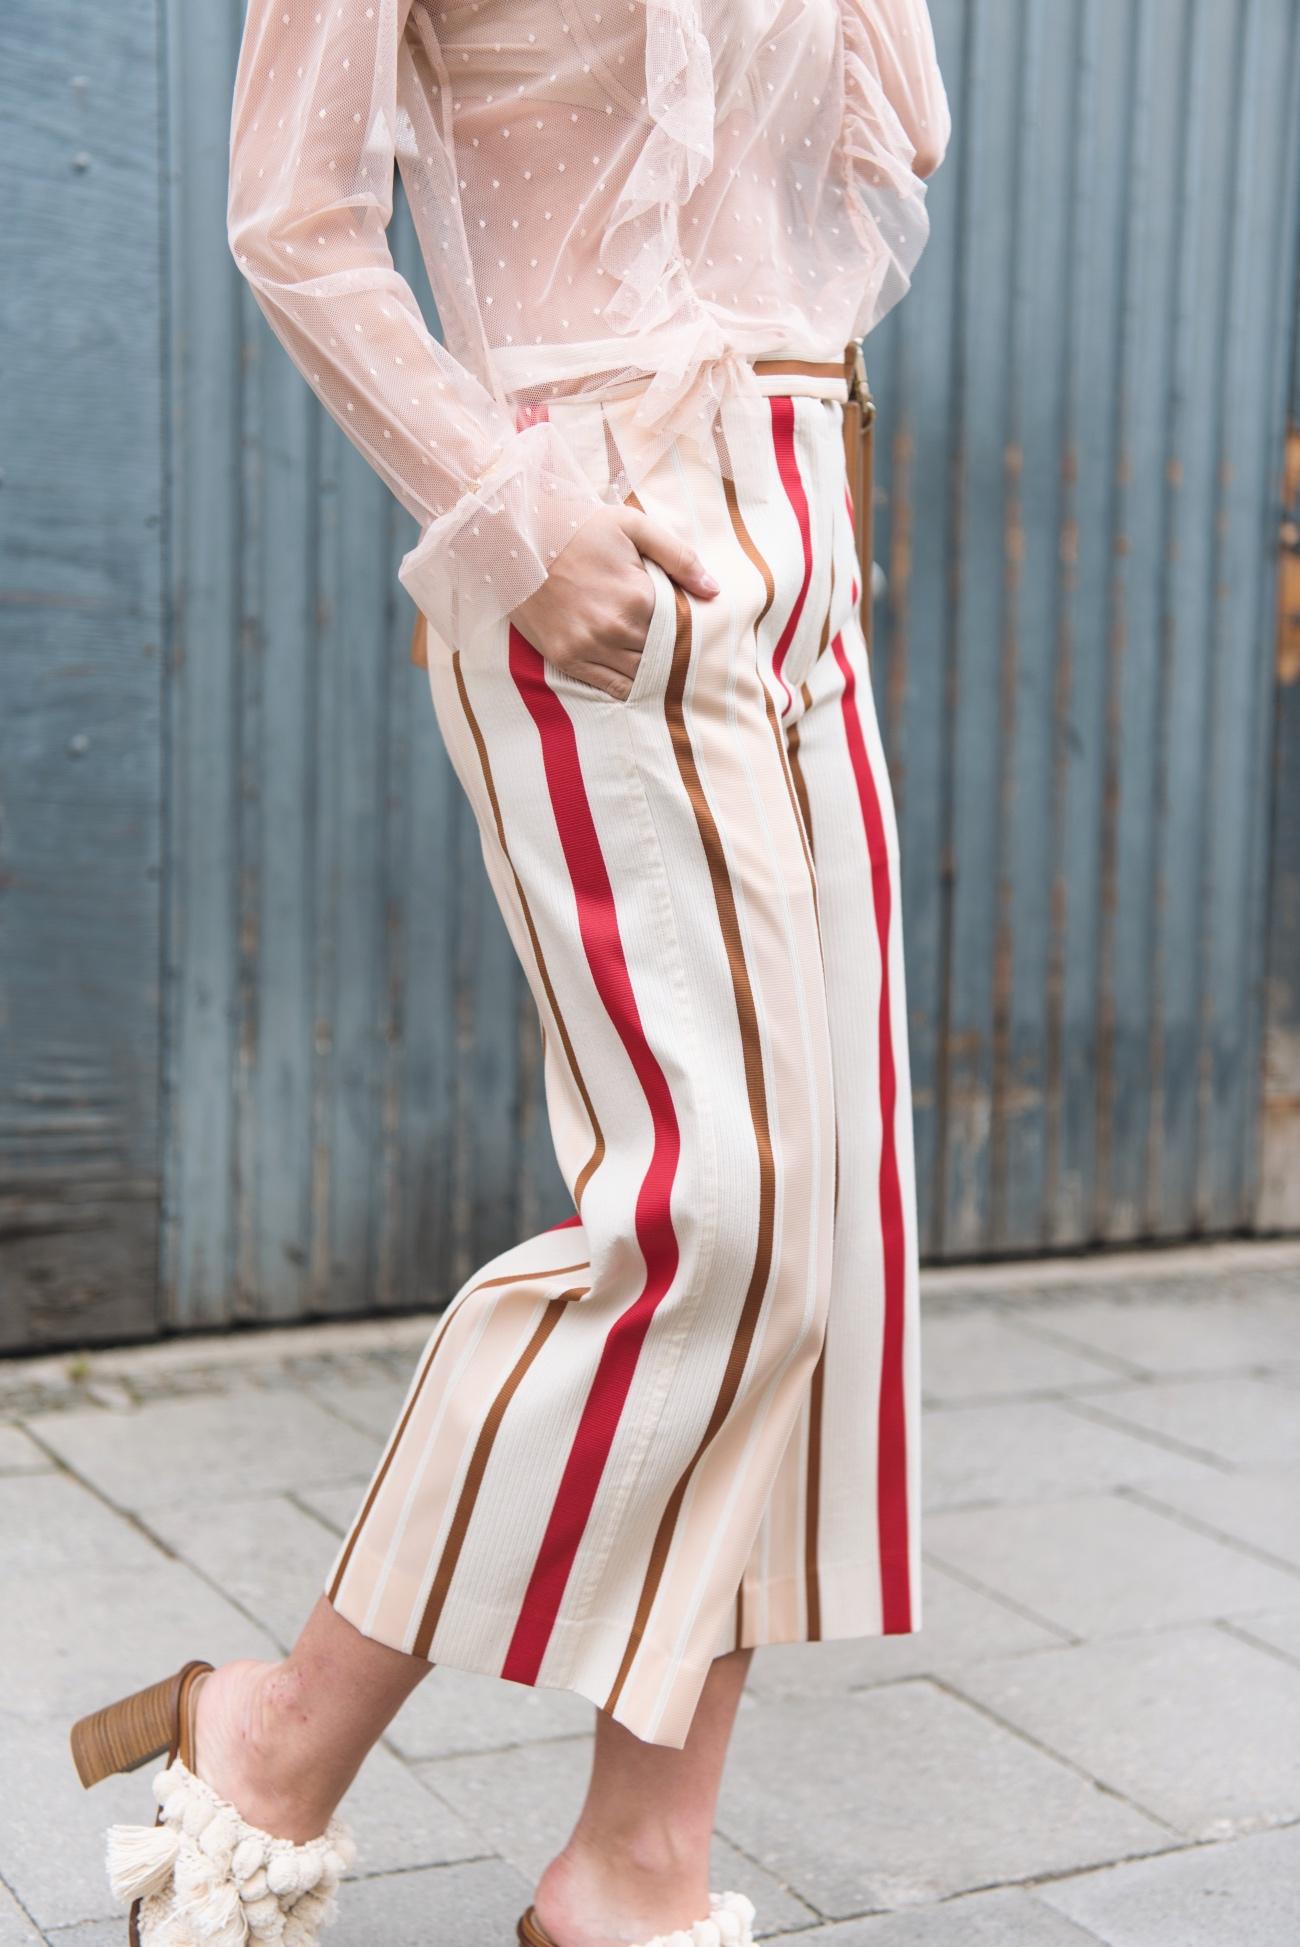 mode-blog-deutschland-fashionblog-münchen-nina-schwichtenberg-fashiioncarpet-influencer